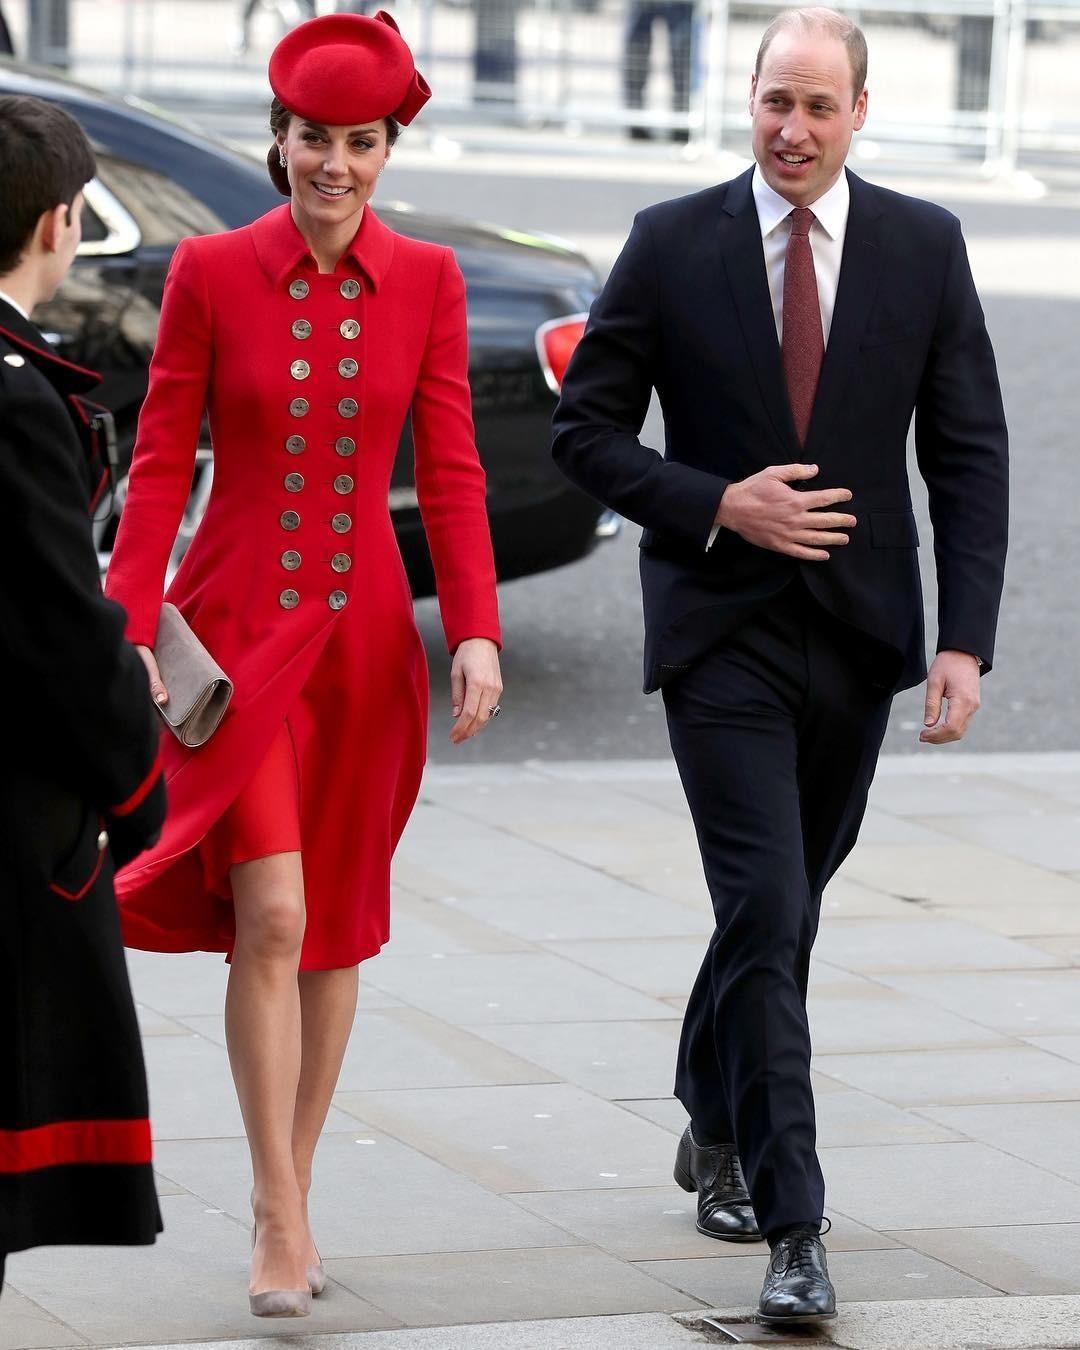 Кейт Миддлтон и принц Уильям впервые побывали в гостях у Меган Маркл и принца Гарри в их новом доме